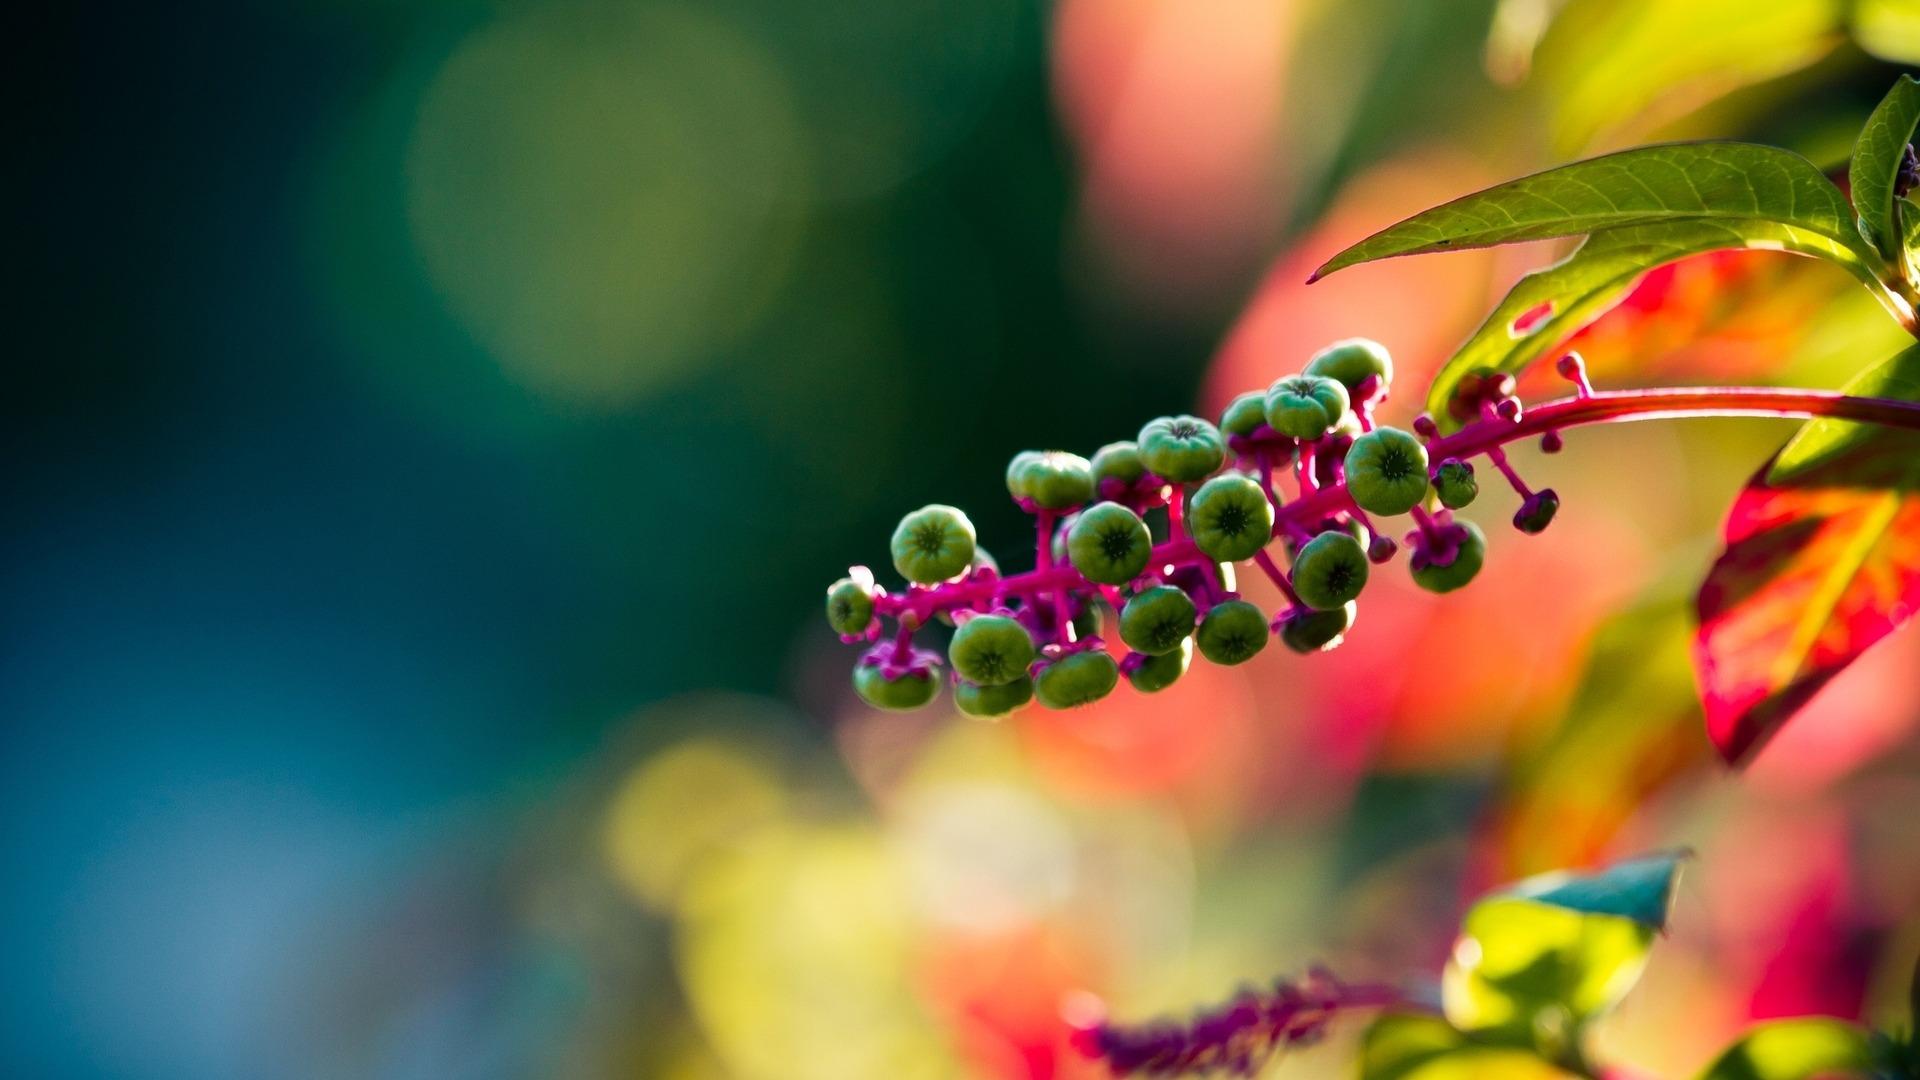 ボケ (植物)の画像 p1_33